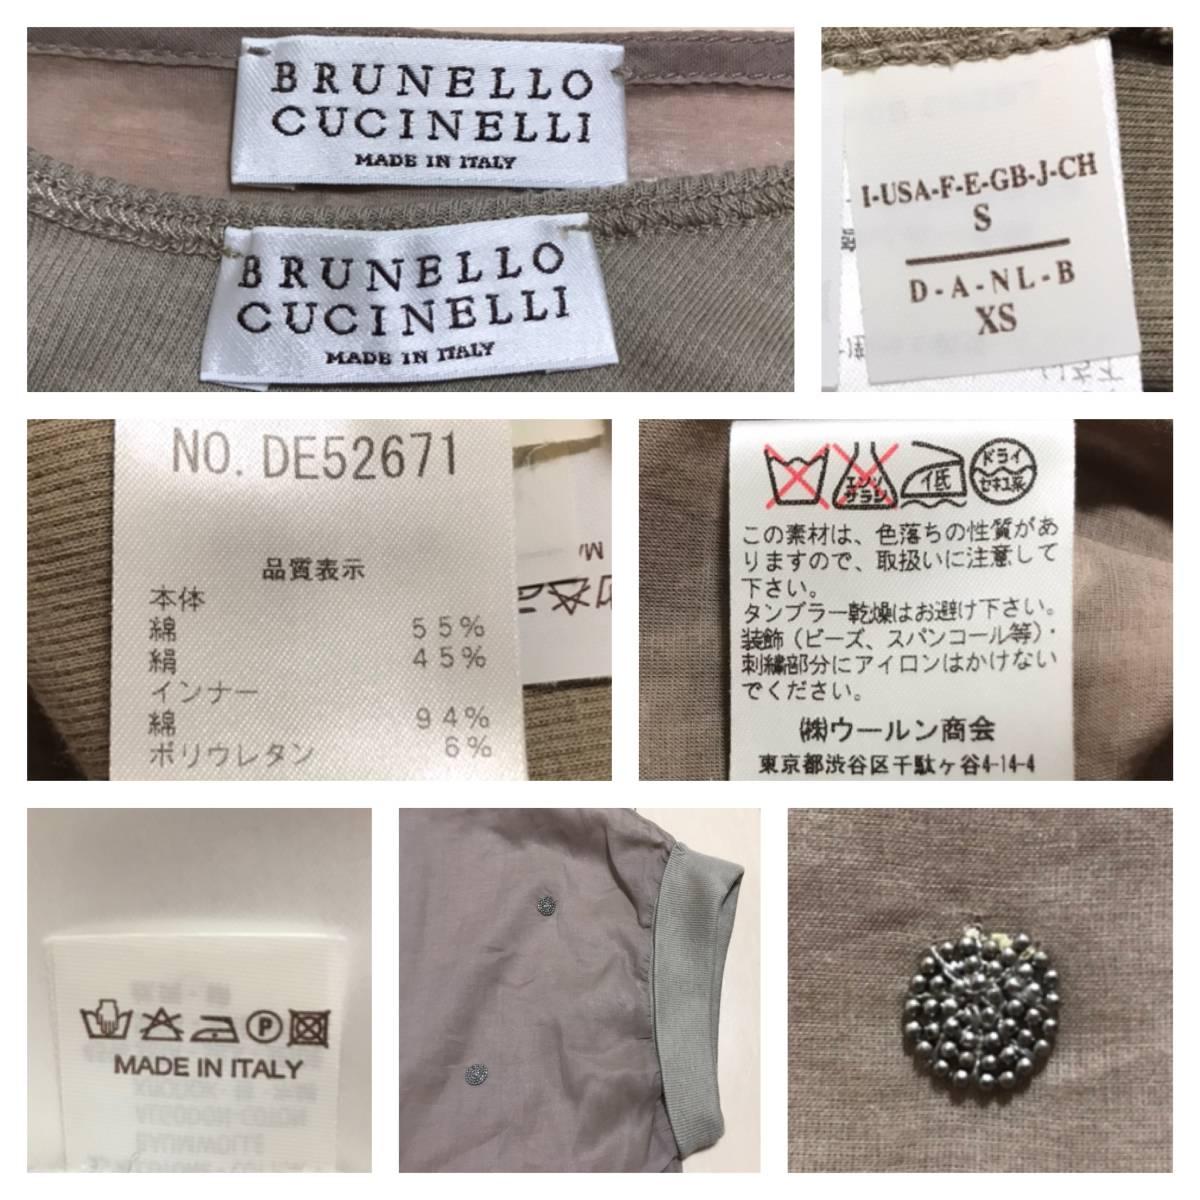 本物 美品 BRUNELLO CUCINELLI ブルネロクチネリビジュー付 シースルーカットソー&ノースリーブカットソー レイヤード セットアップ S